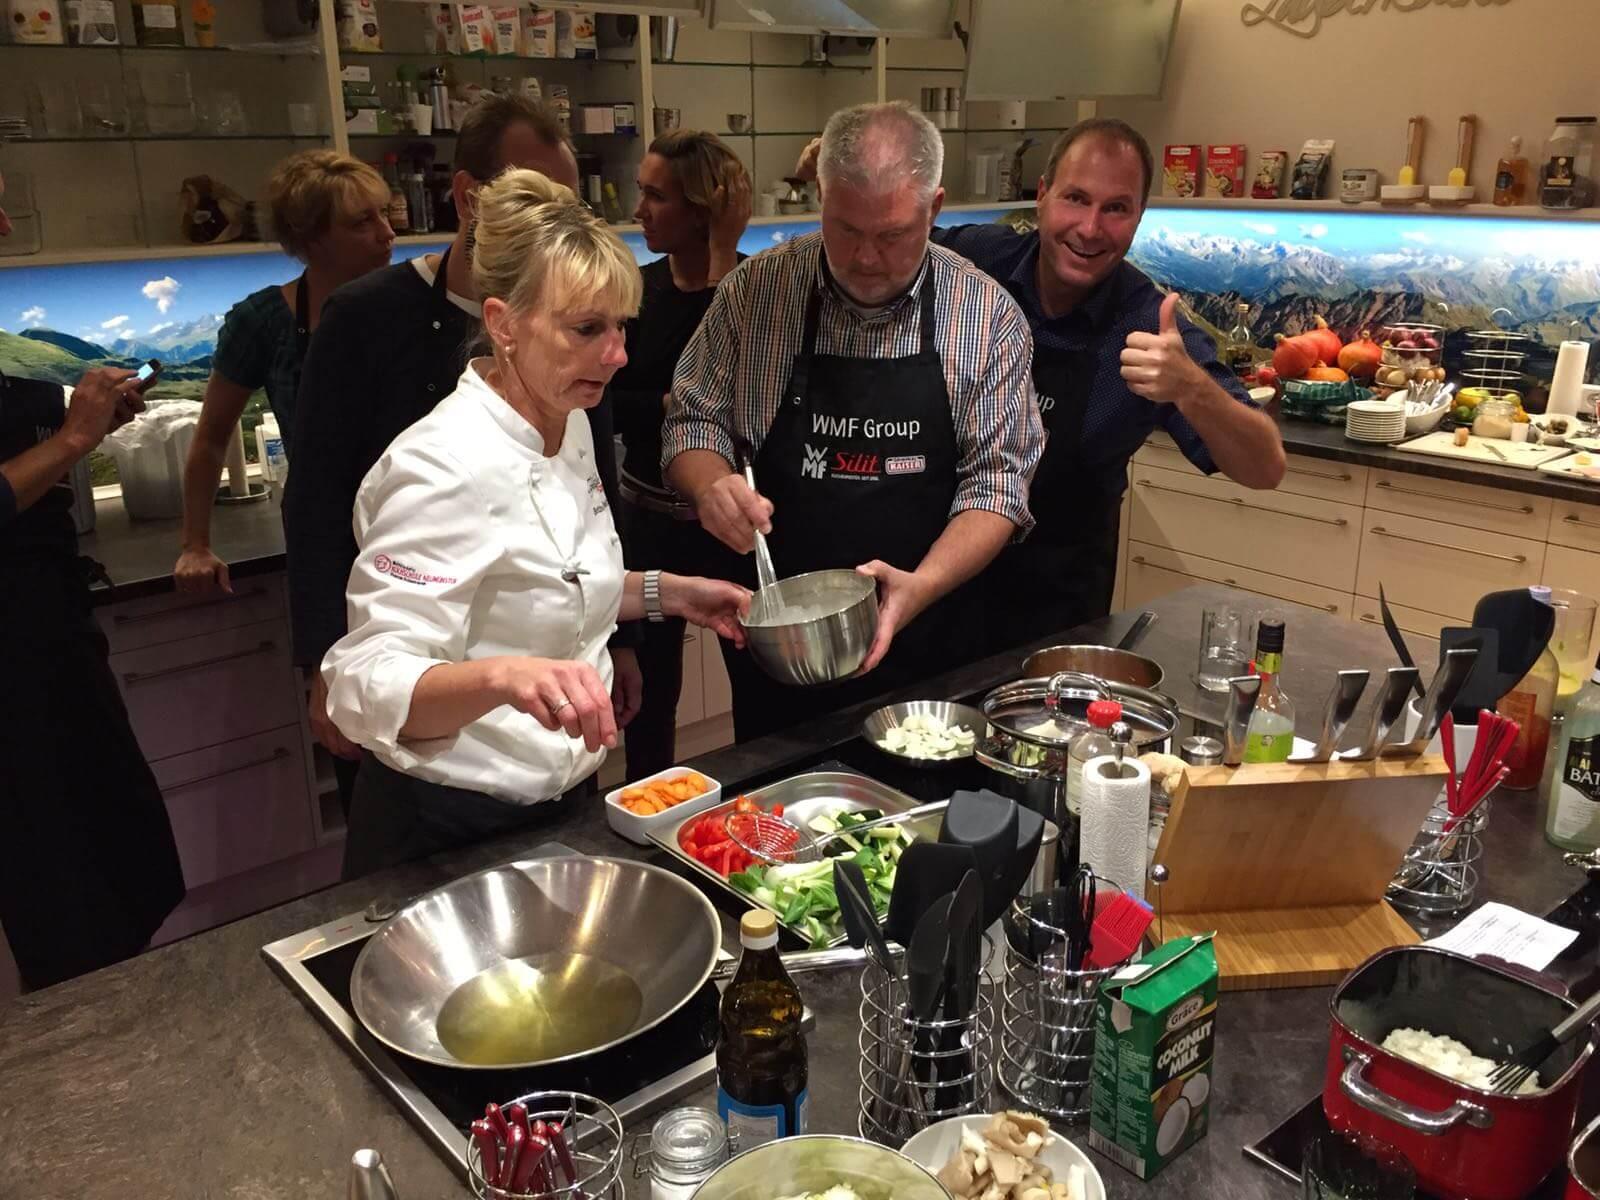 Kochteilnehmer in einer Küche